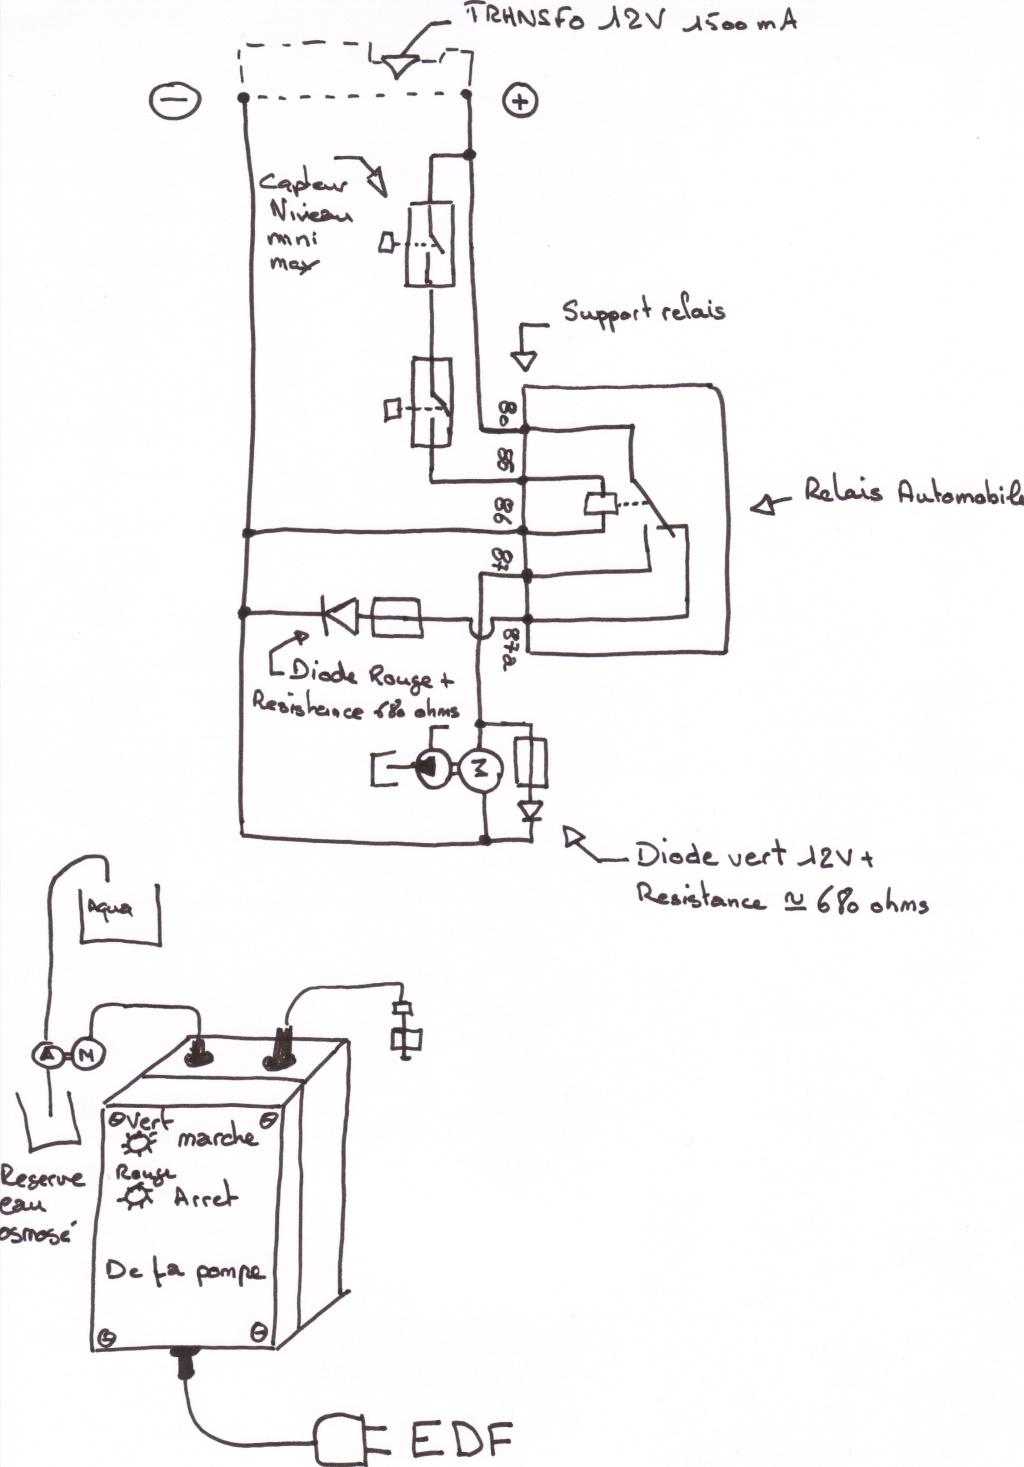 Osmolateur pour bricoleur 23-10-10